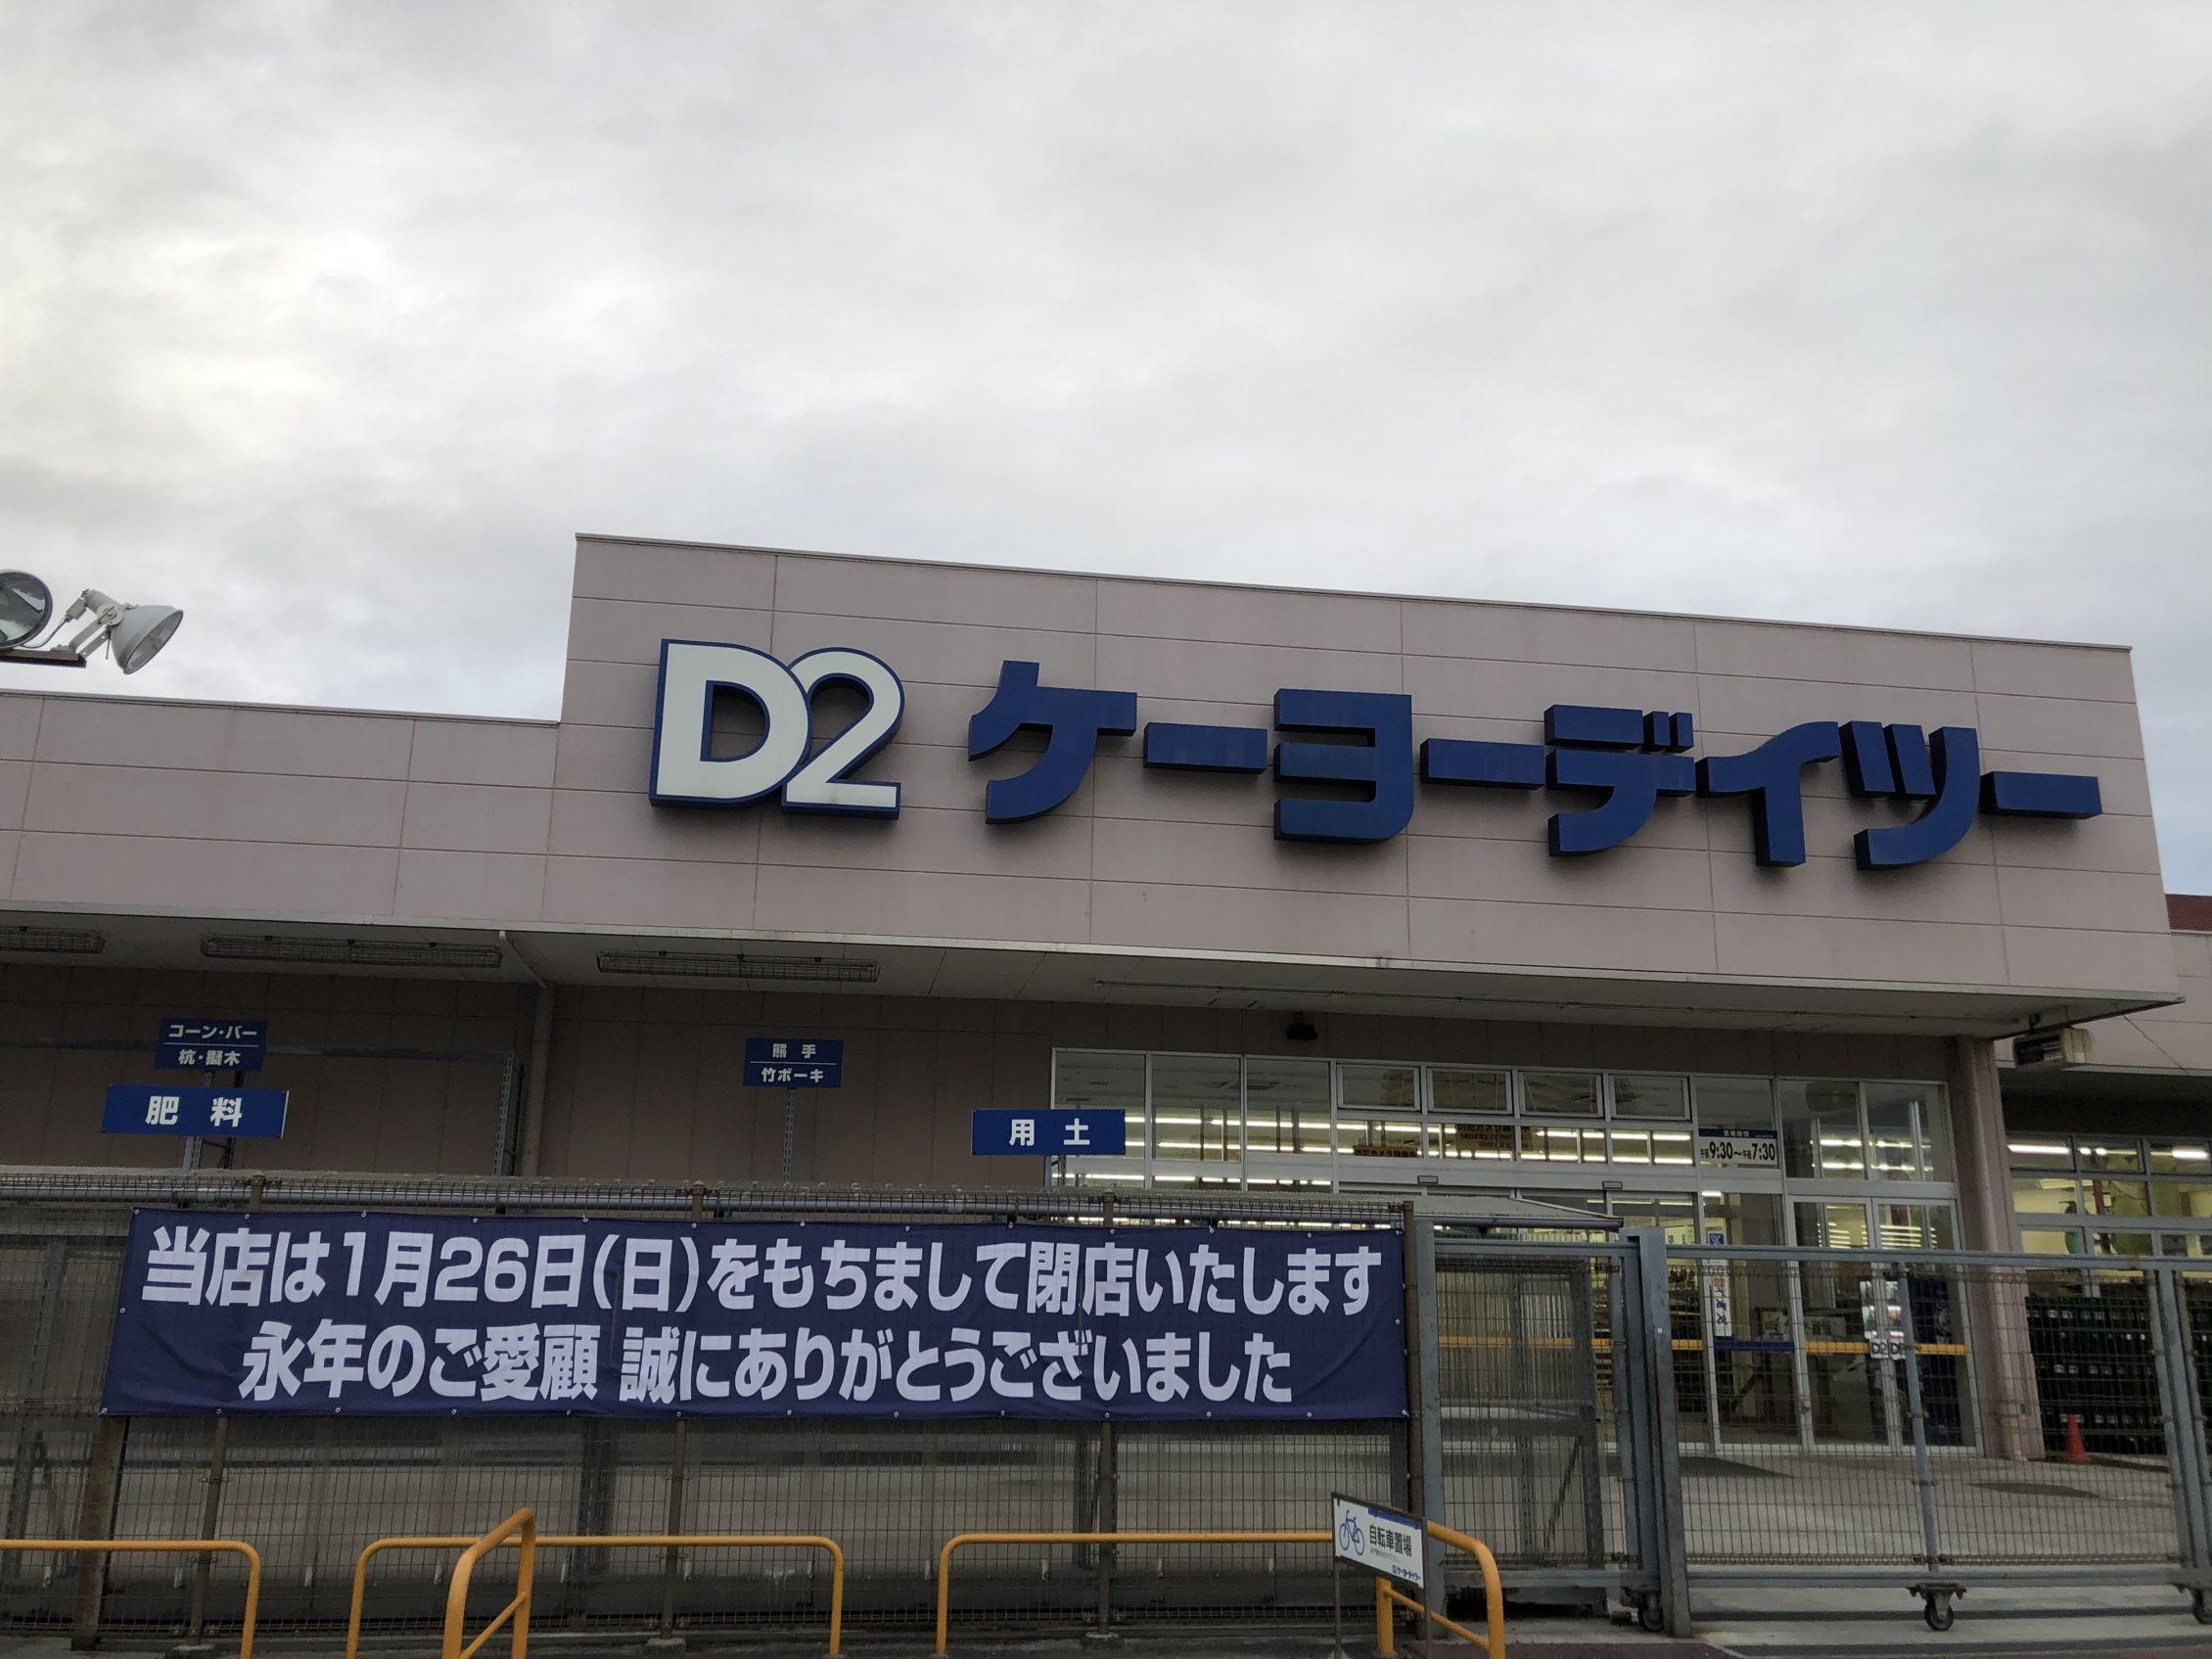 【閉店情報】2020年1月26日 ケーヨーデイツー